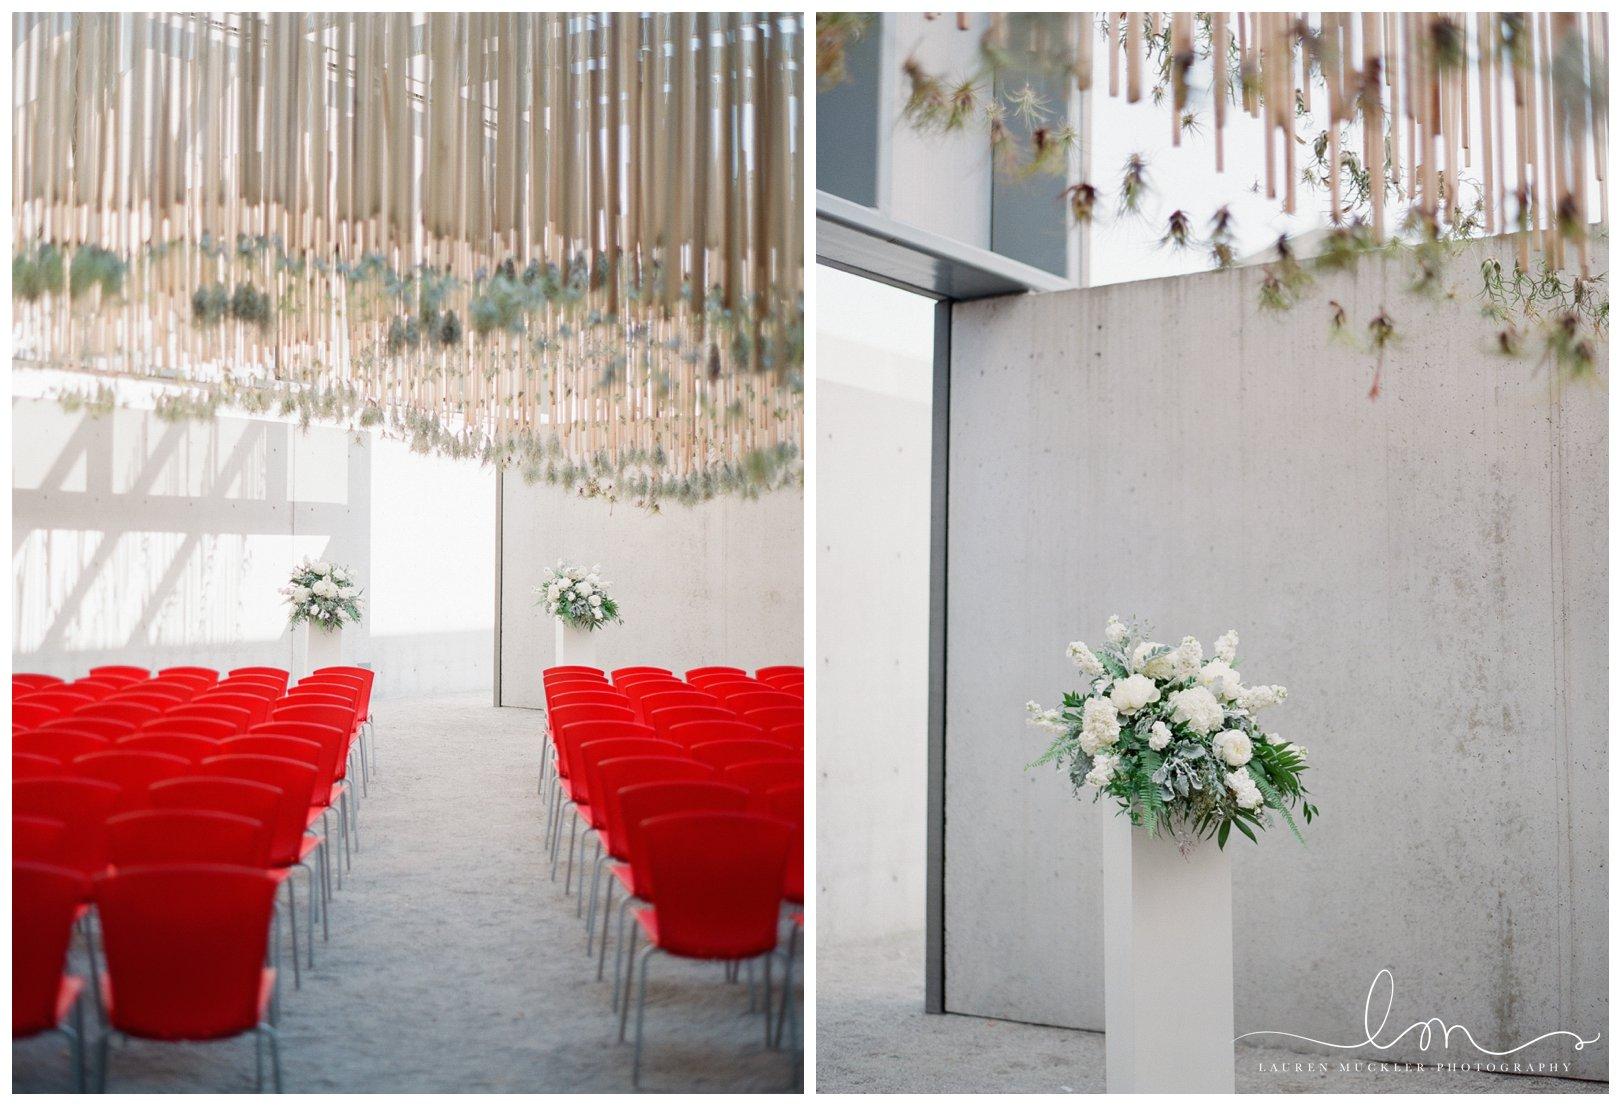 lauren muckler photography_fine art film wedding photography_st louis_photography_0559.jpg